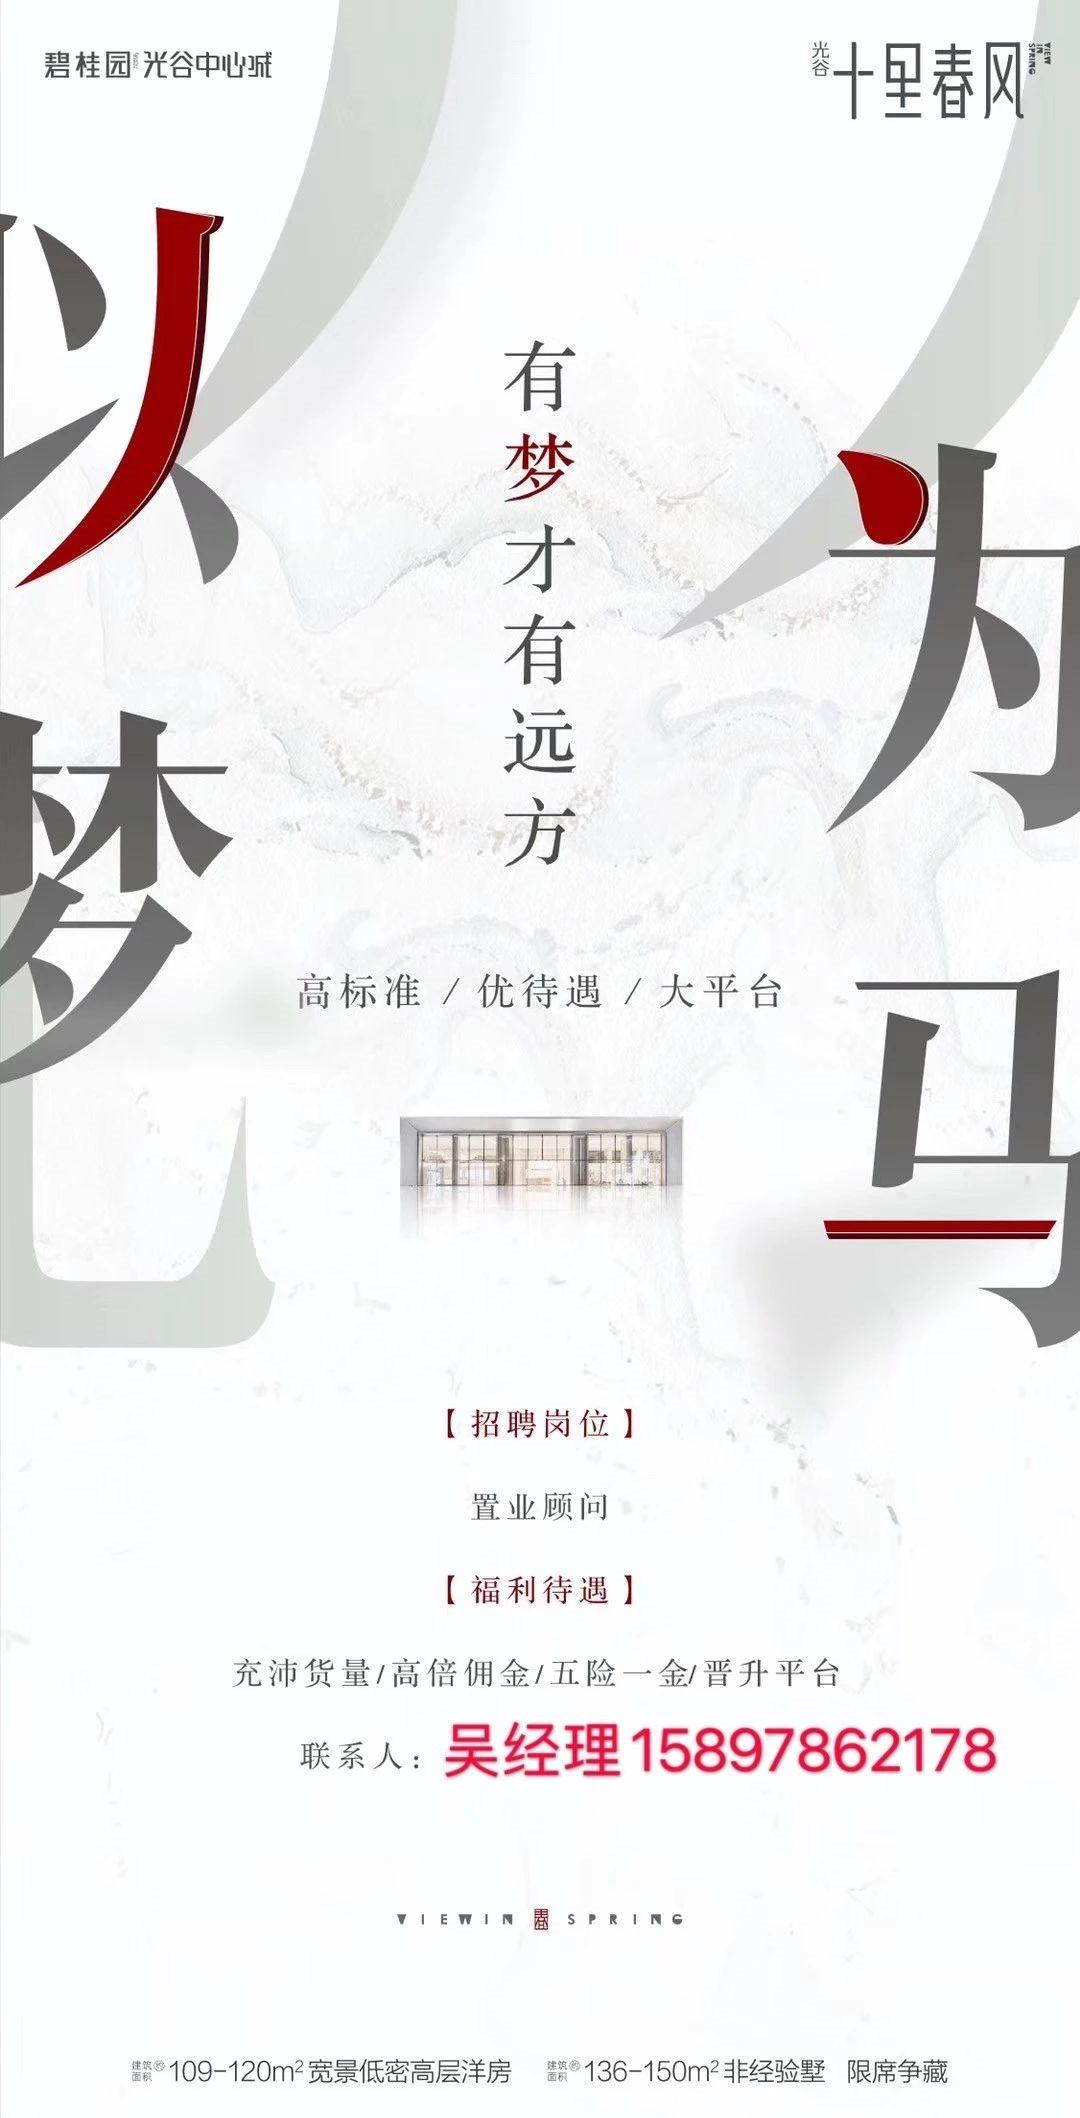 碧桂园十里春风.jpg